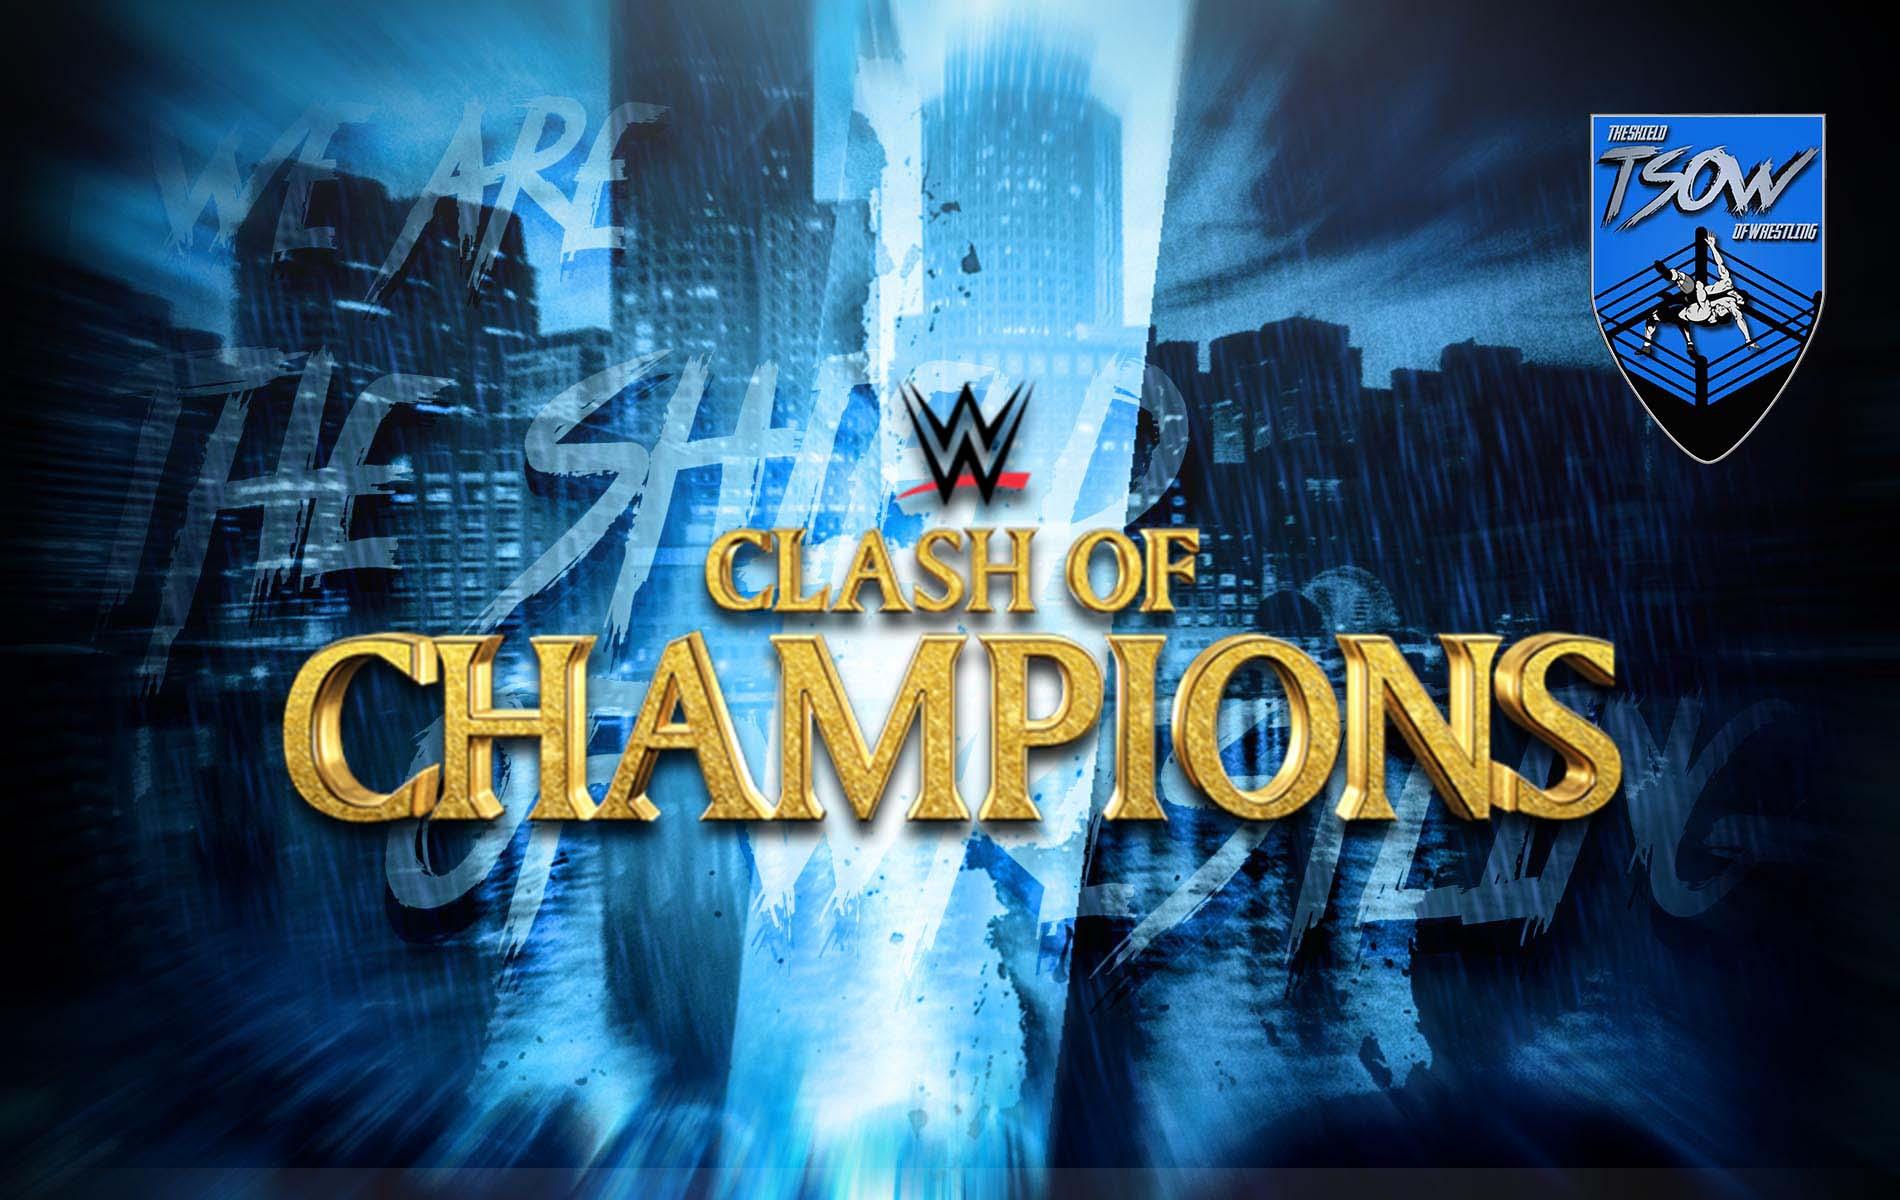 Clash of Champions 2020 Risultati